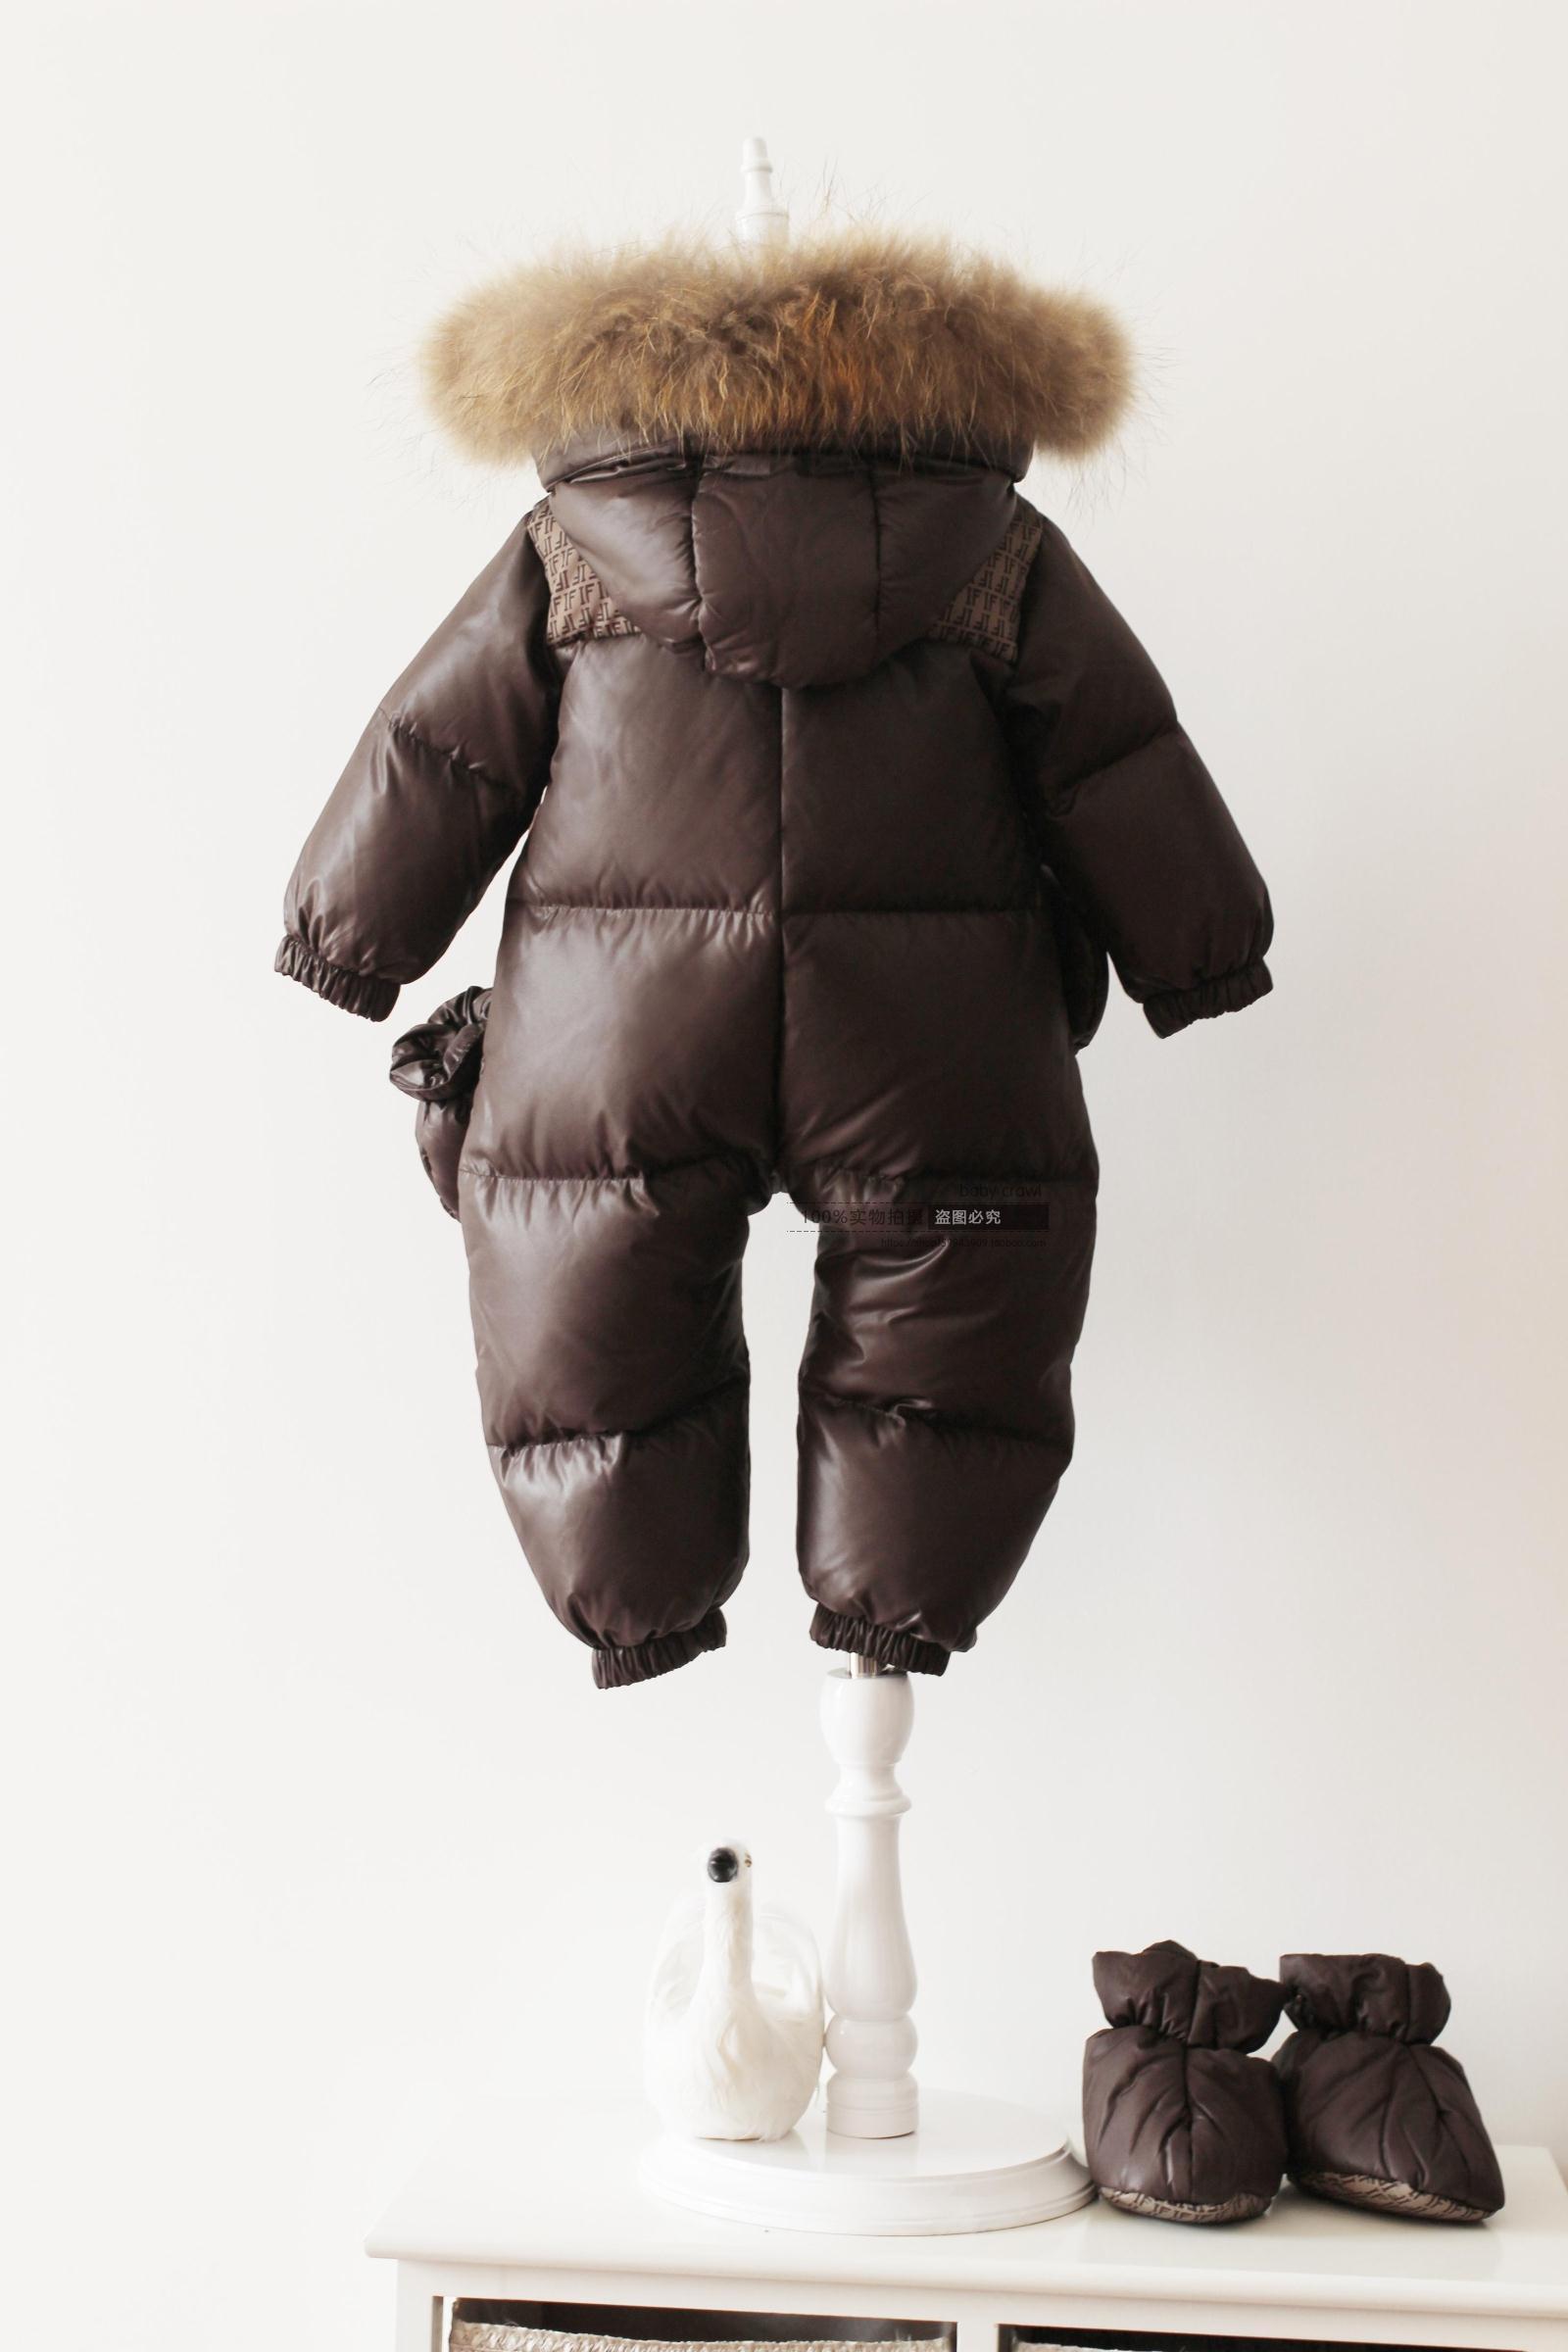 2017 Mode Winter Pasgeboren Winter Jassen voor Baby Meisjes Beneden Jassen Jongens Onesie Down Jas Eendendons 3 6 12 Maanden 2 Jaar 1